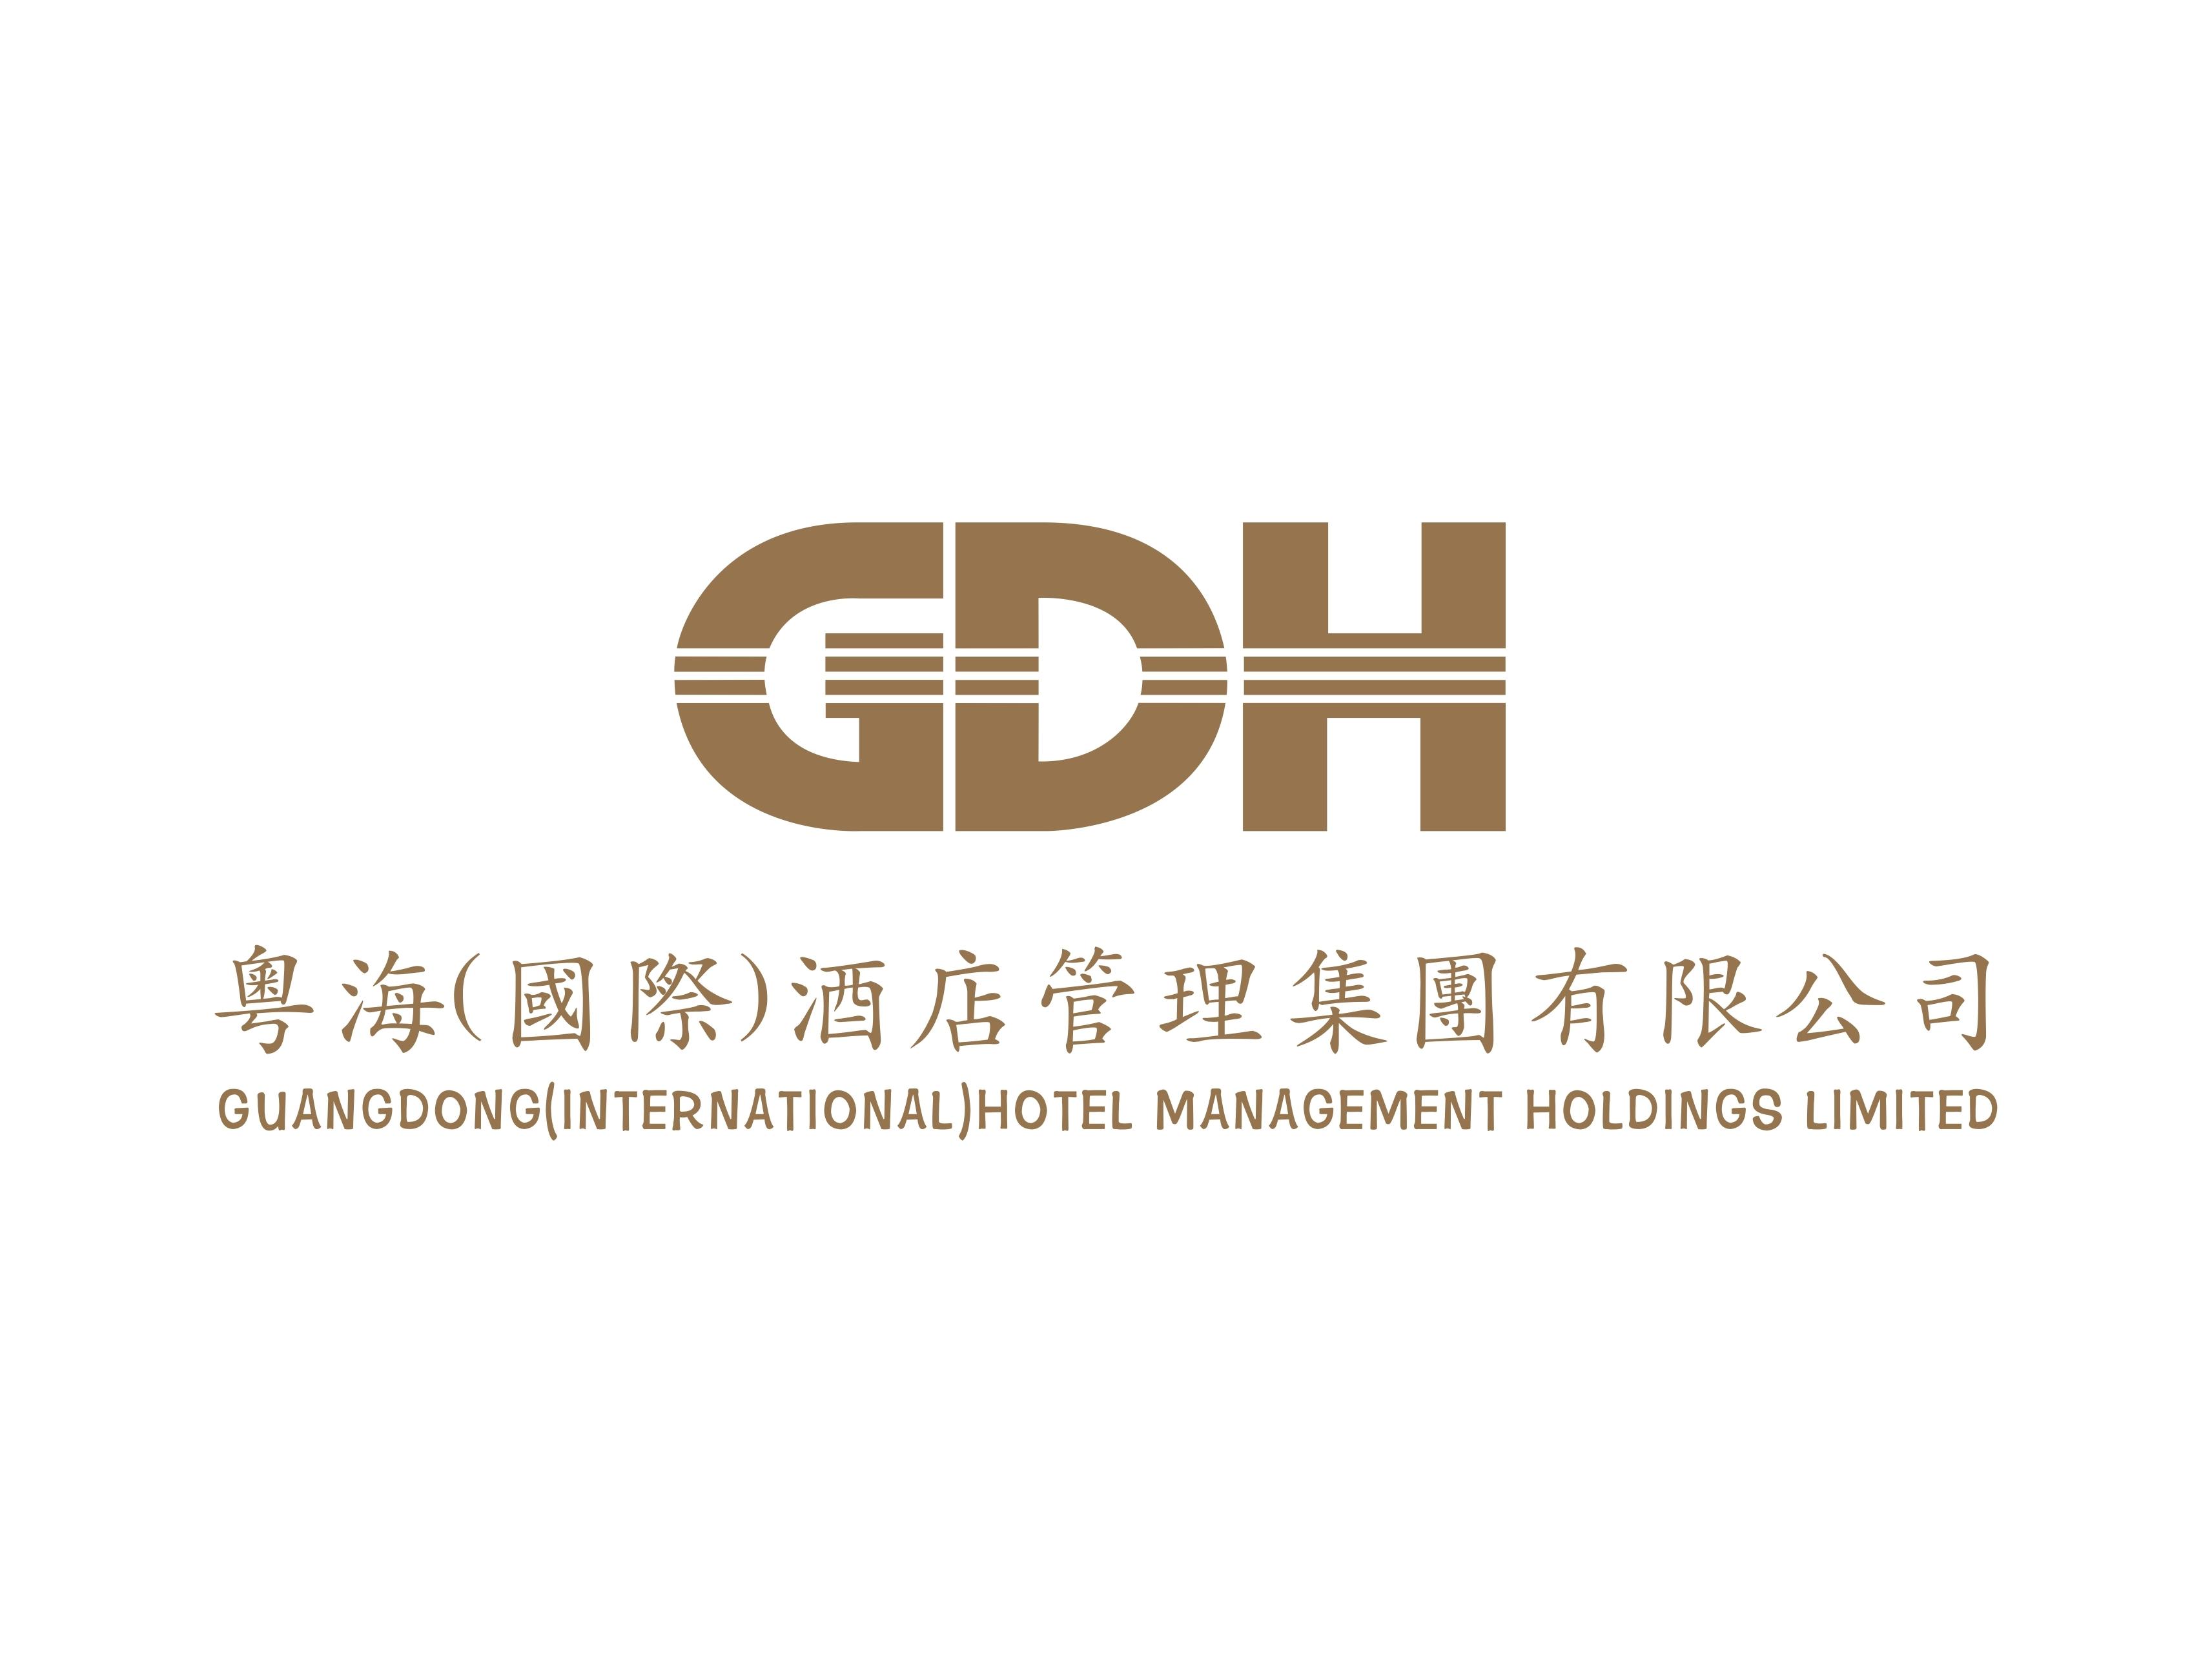 粤海酒店集团